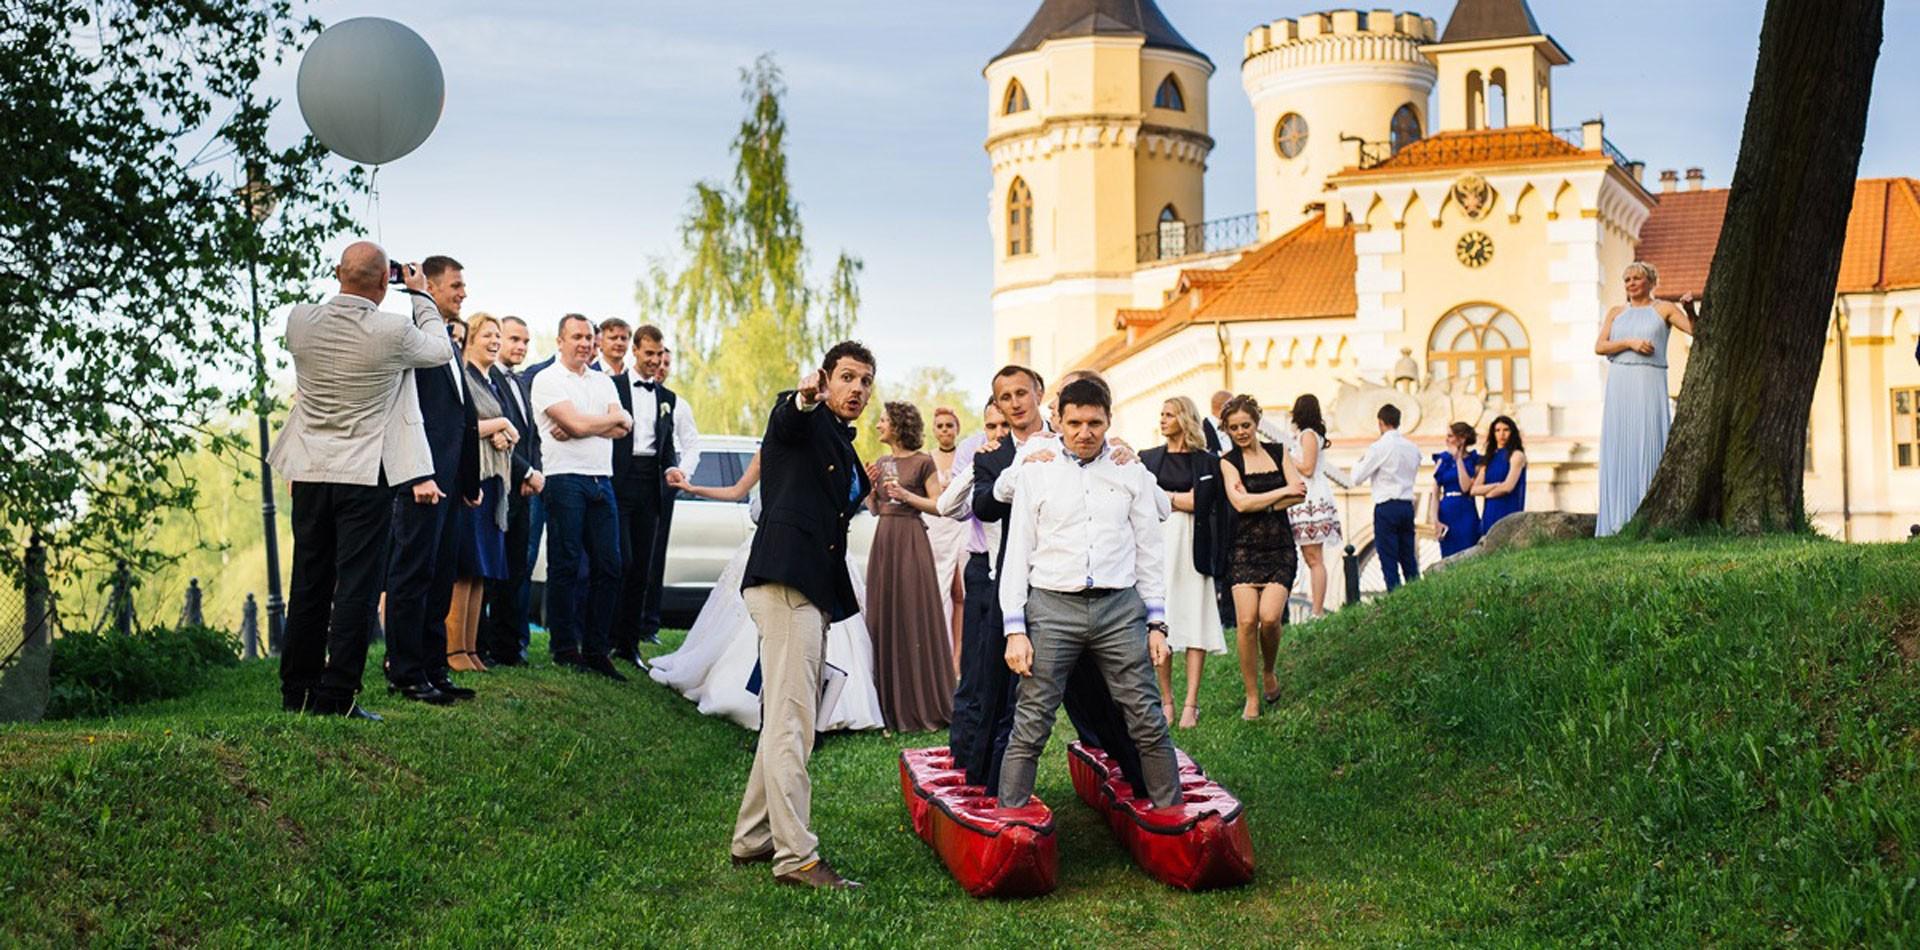 Зимняя сказка. Свадьба Дмитрия Малышко и Екатерины Тихоновой фото 14